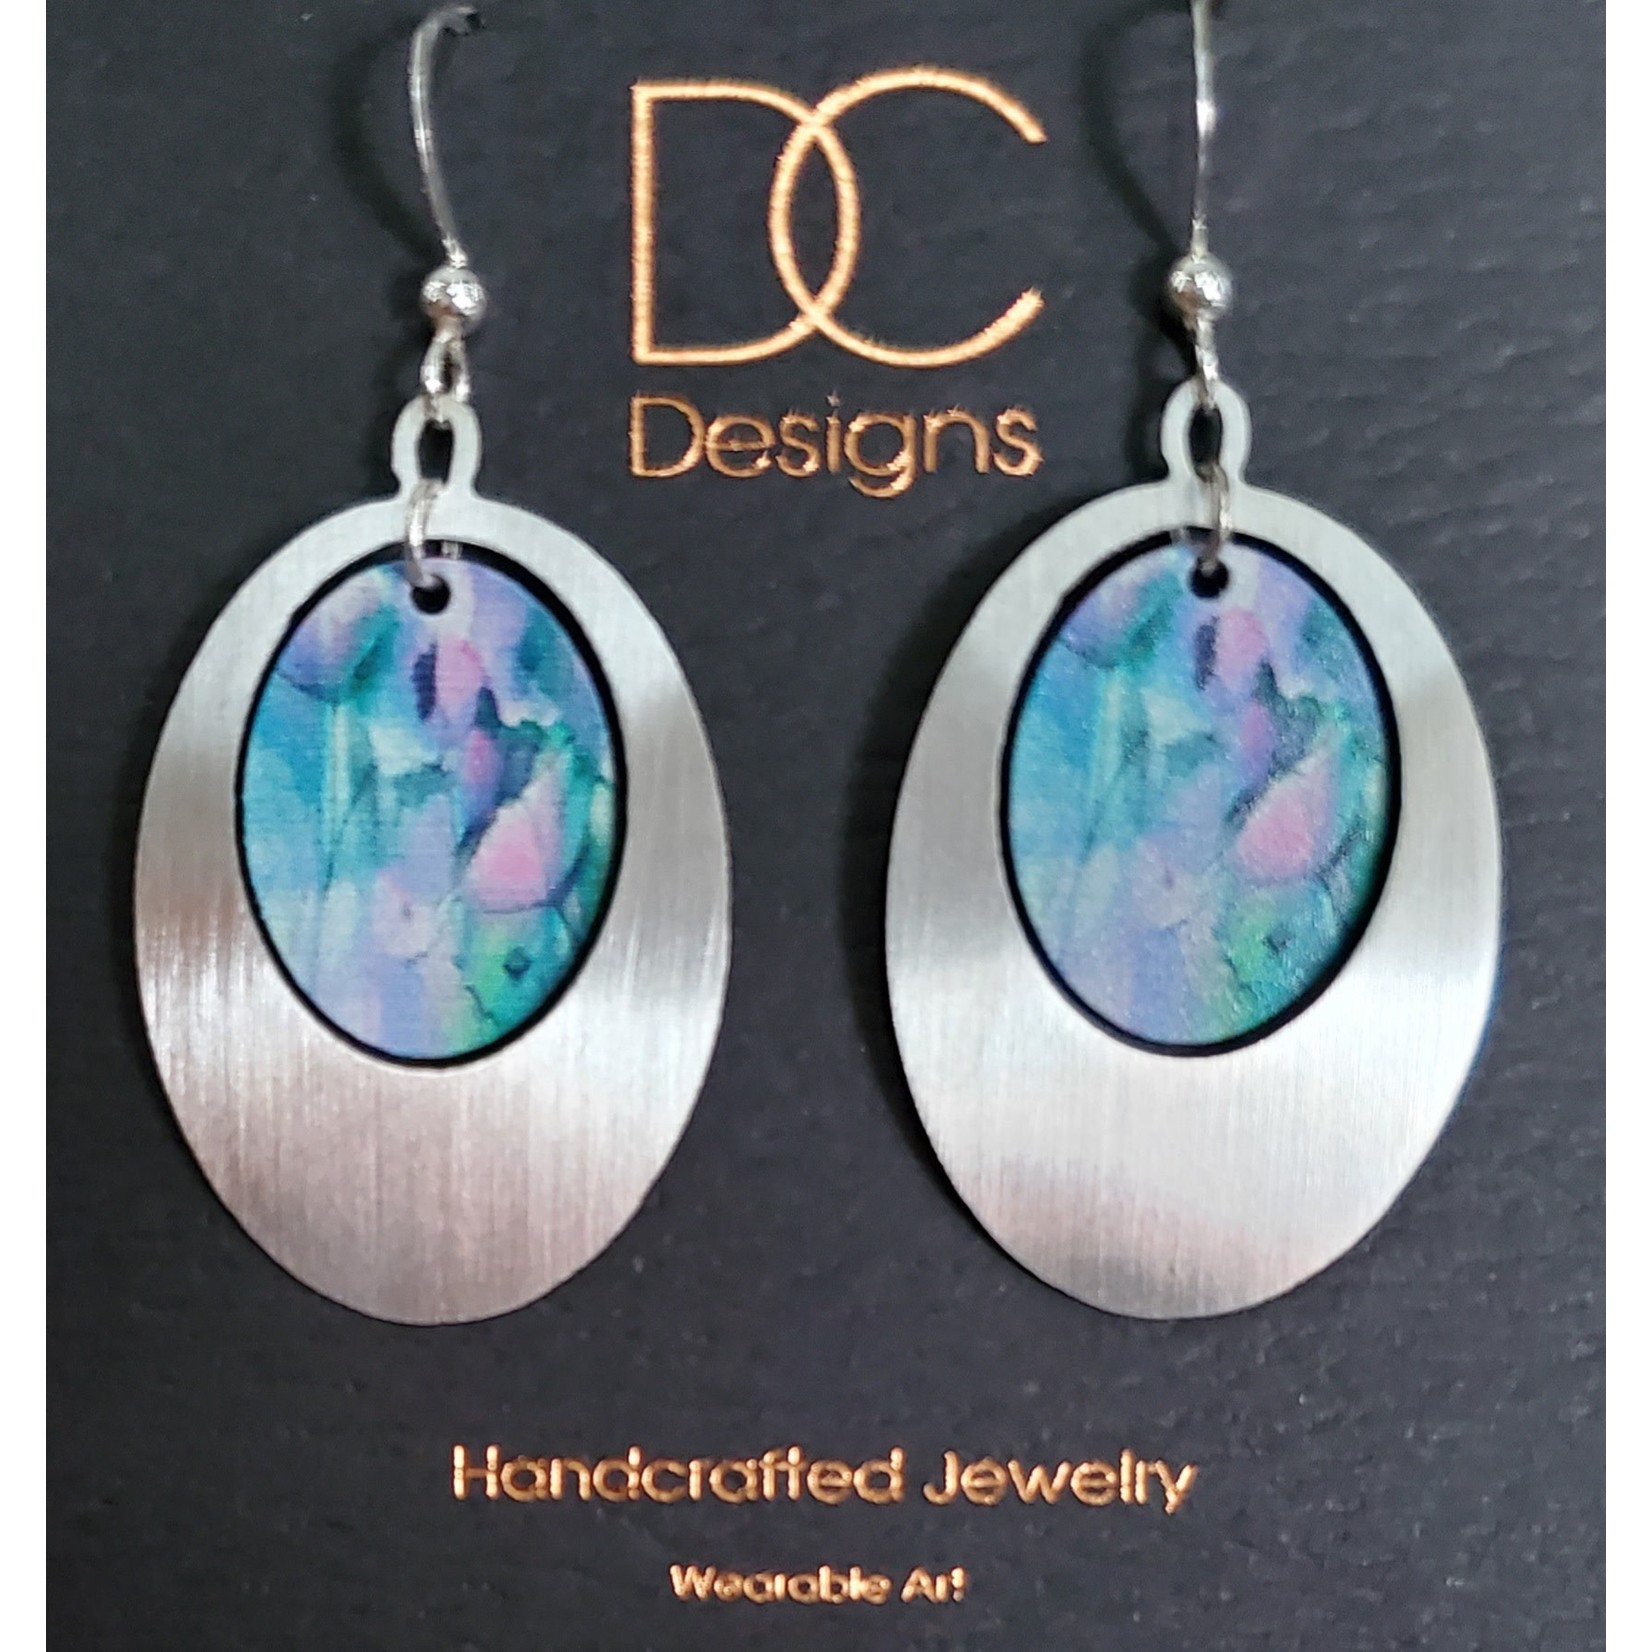 Illustrated Light Egg Shape Silver & Giclee Design Earrings                                        PinkGrnPurp